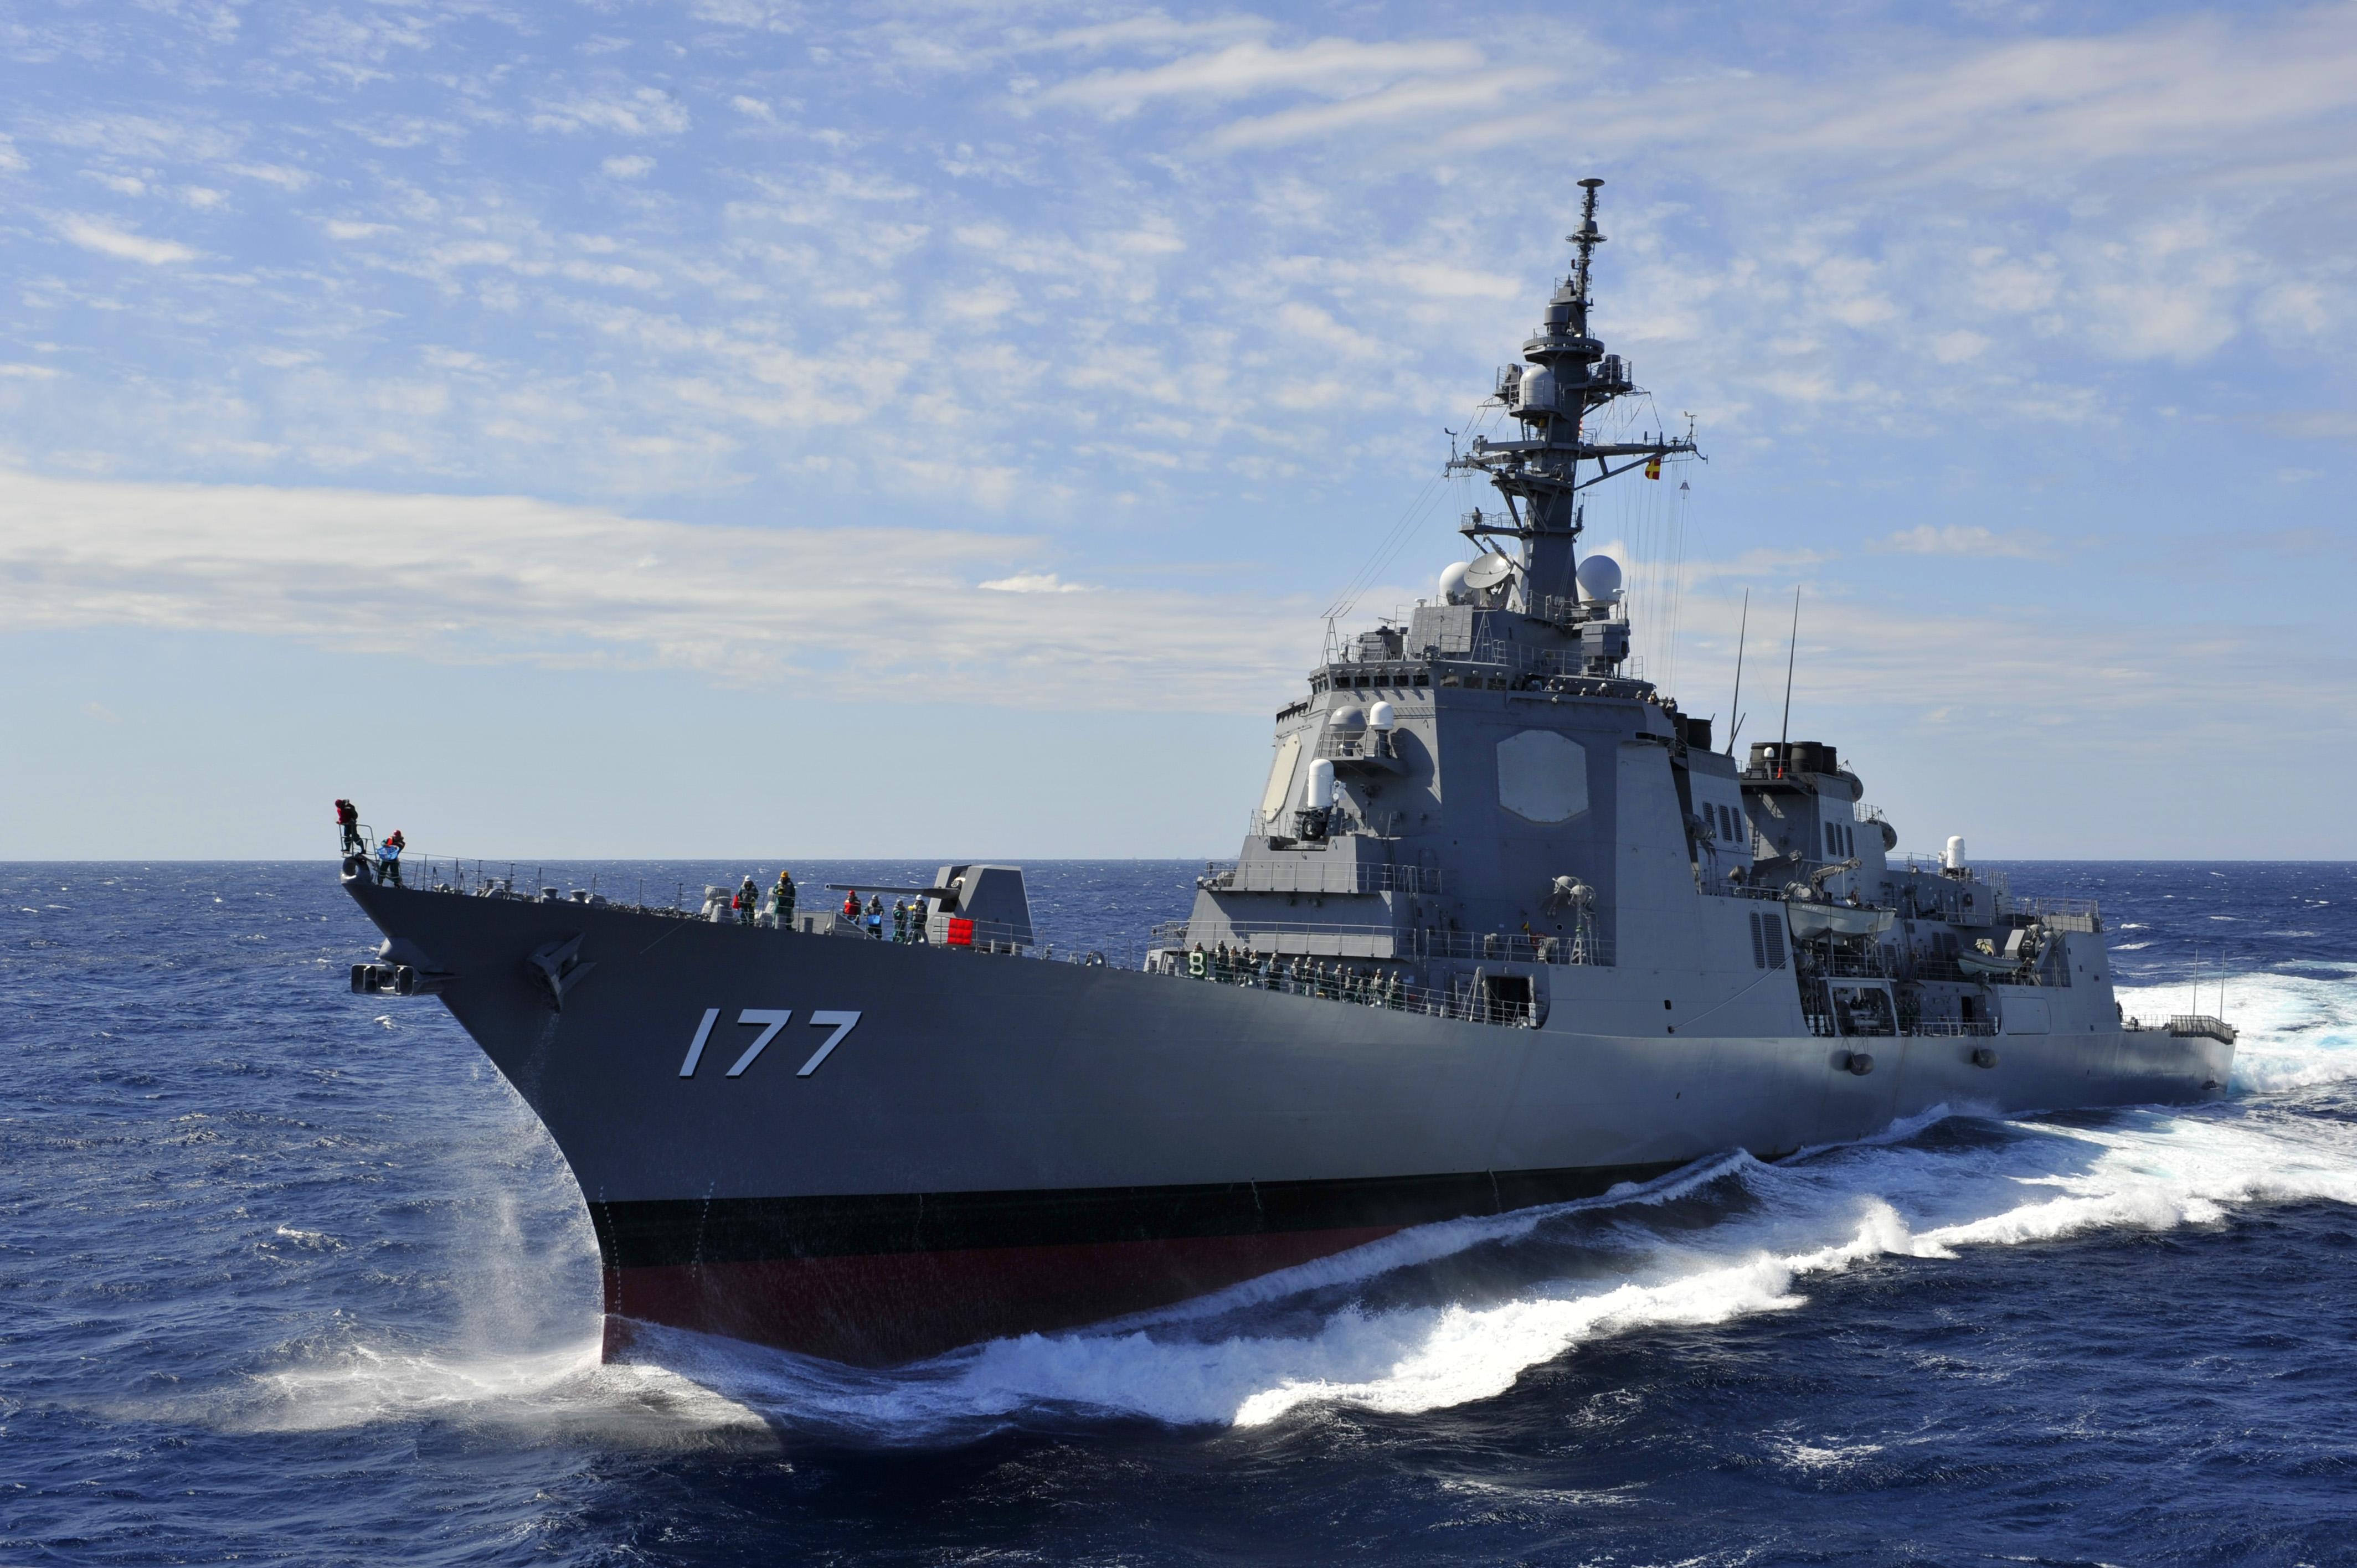 護衛艦 あたご 型 水上艦艇 装備品 海上自衛隊 Jmsdf